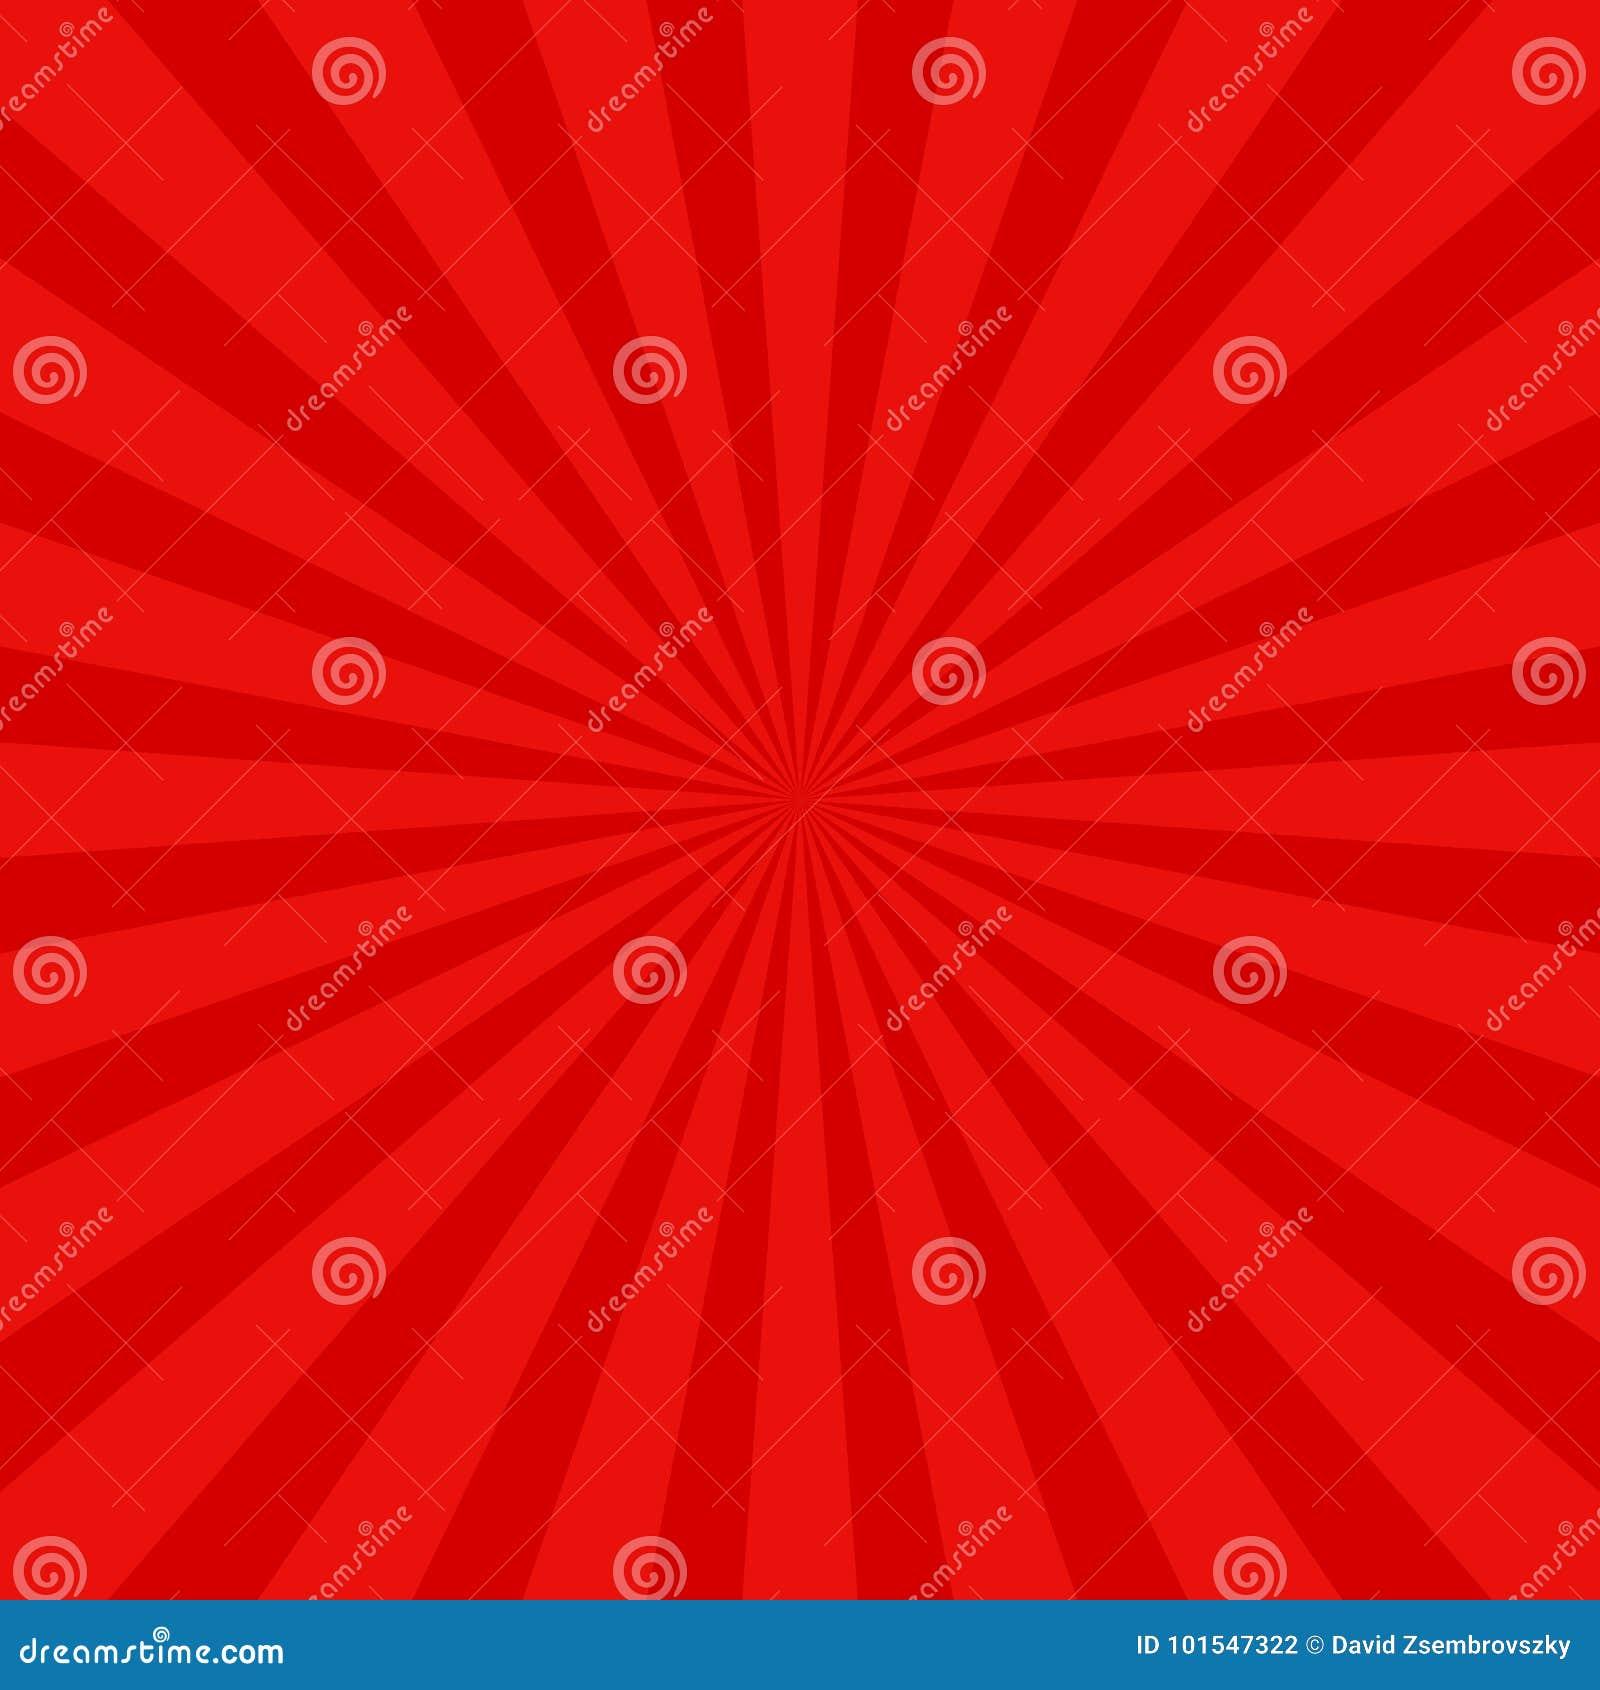 红色减速火箭的太阳光芒背景-与辐形光芒的向量图形设计